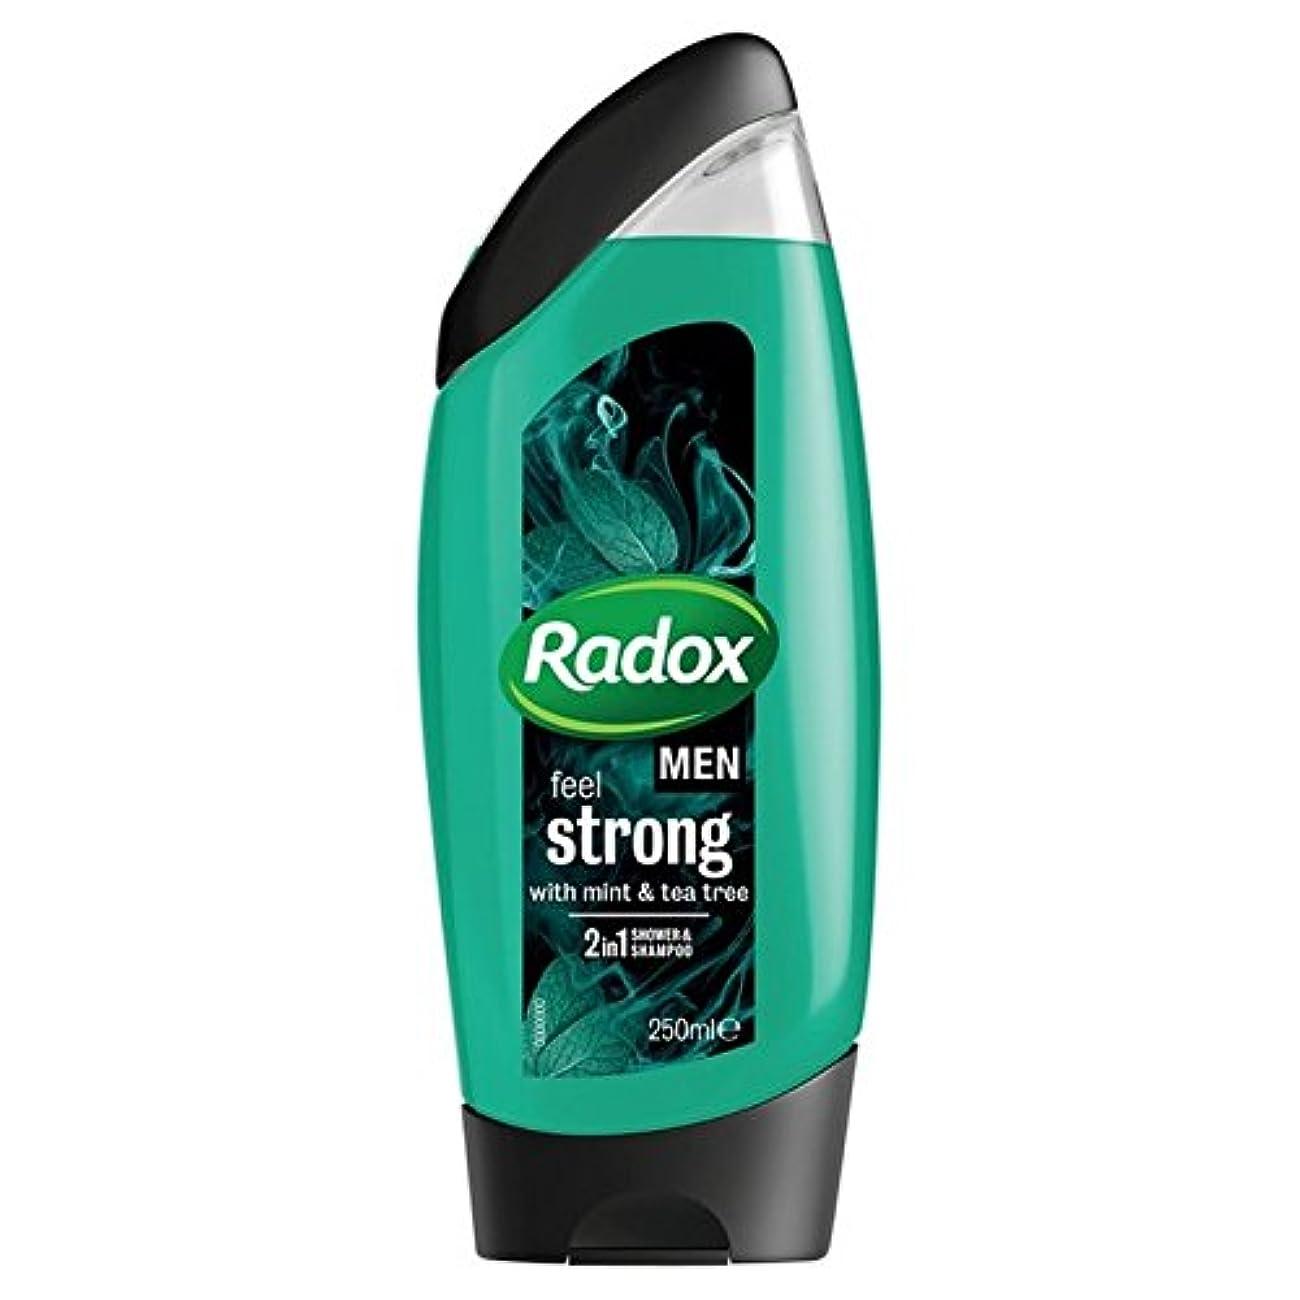 気分約設定不倫男性は、強力なミント&ティーツリーの21のシャワージェル250ミリリットルを感じます x2 - Radox Men Feel Strong Mint & Tea Tree 2in1 Shower Gel 250ml (Pack...